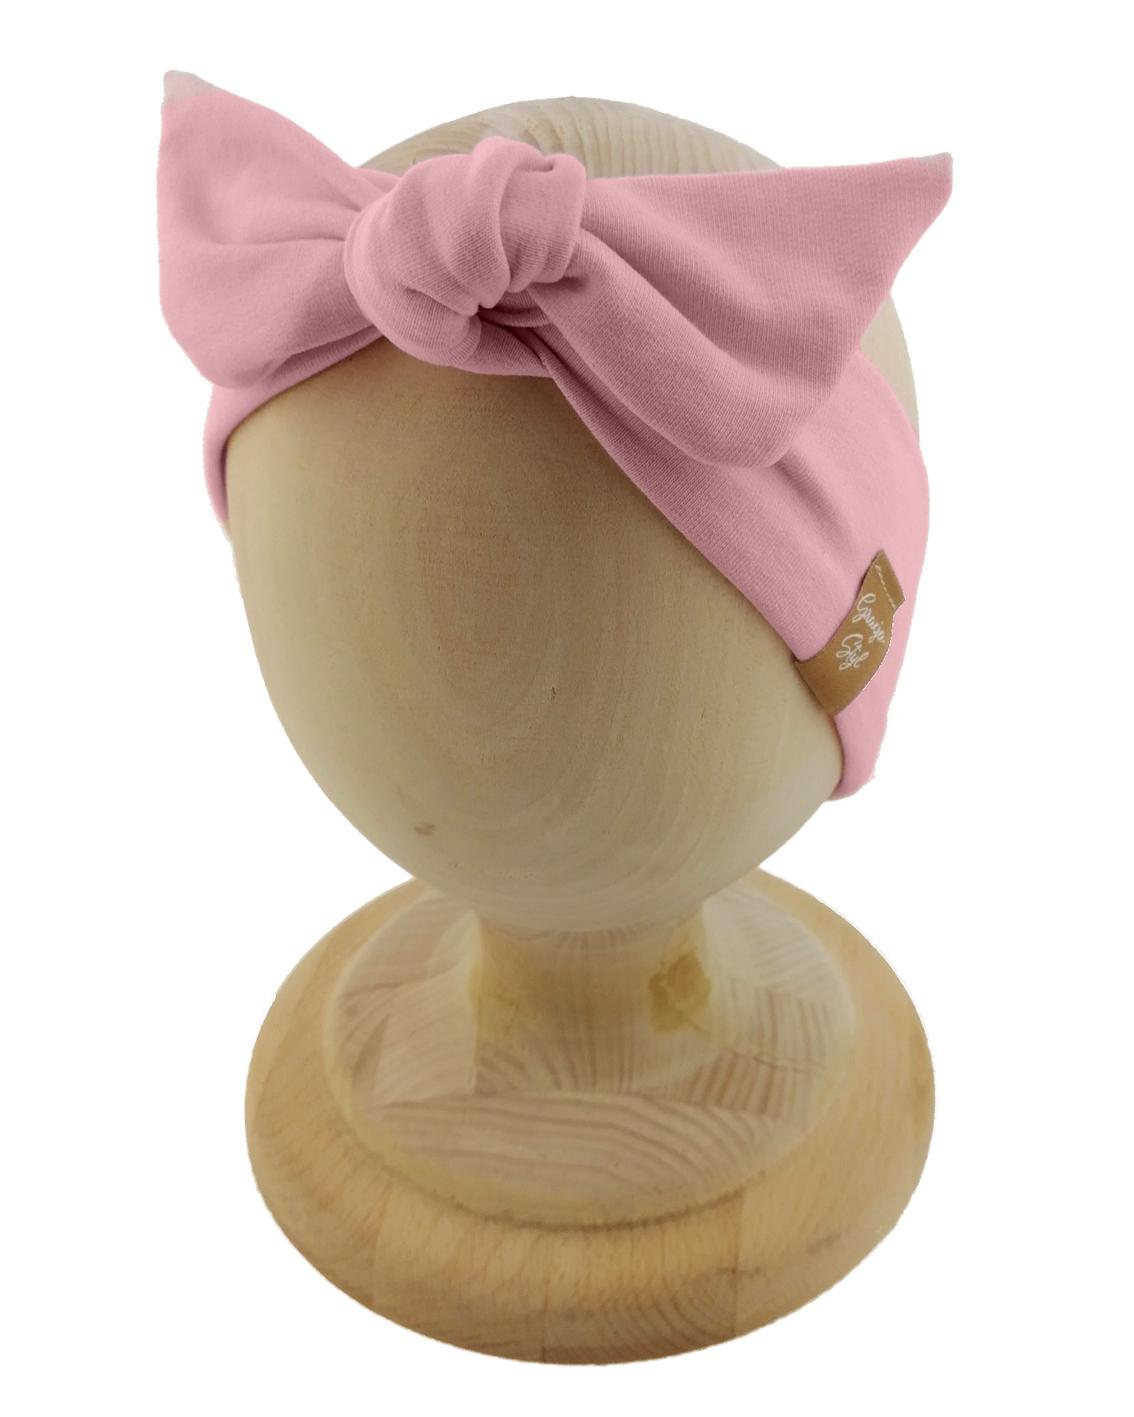 Opaska kobieca typu Pin-up marki Gracja Styl. Uszyta z bawełny petelkowej typu dresówka. Kolor pudrowy-róż.